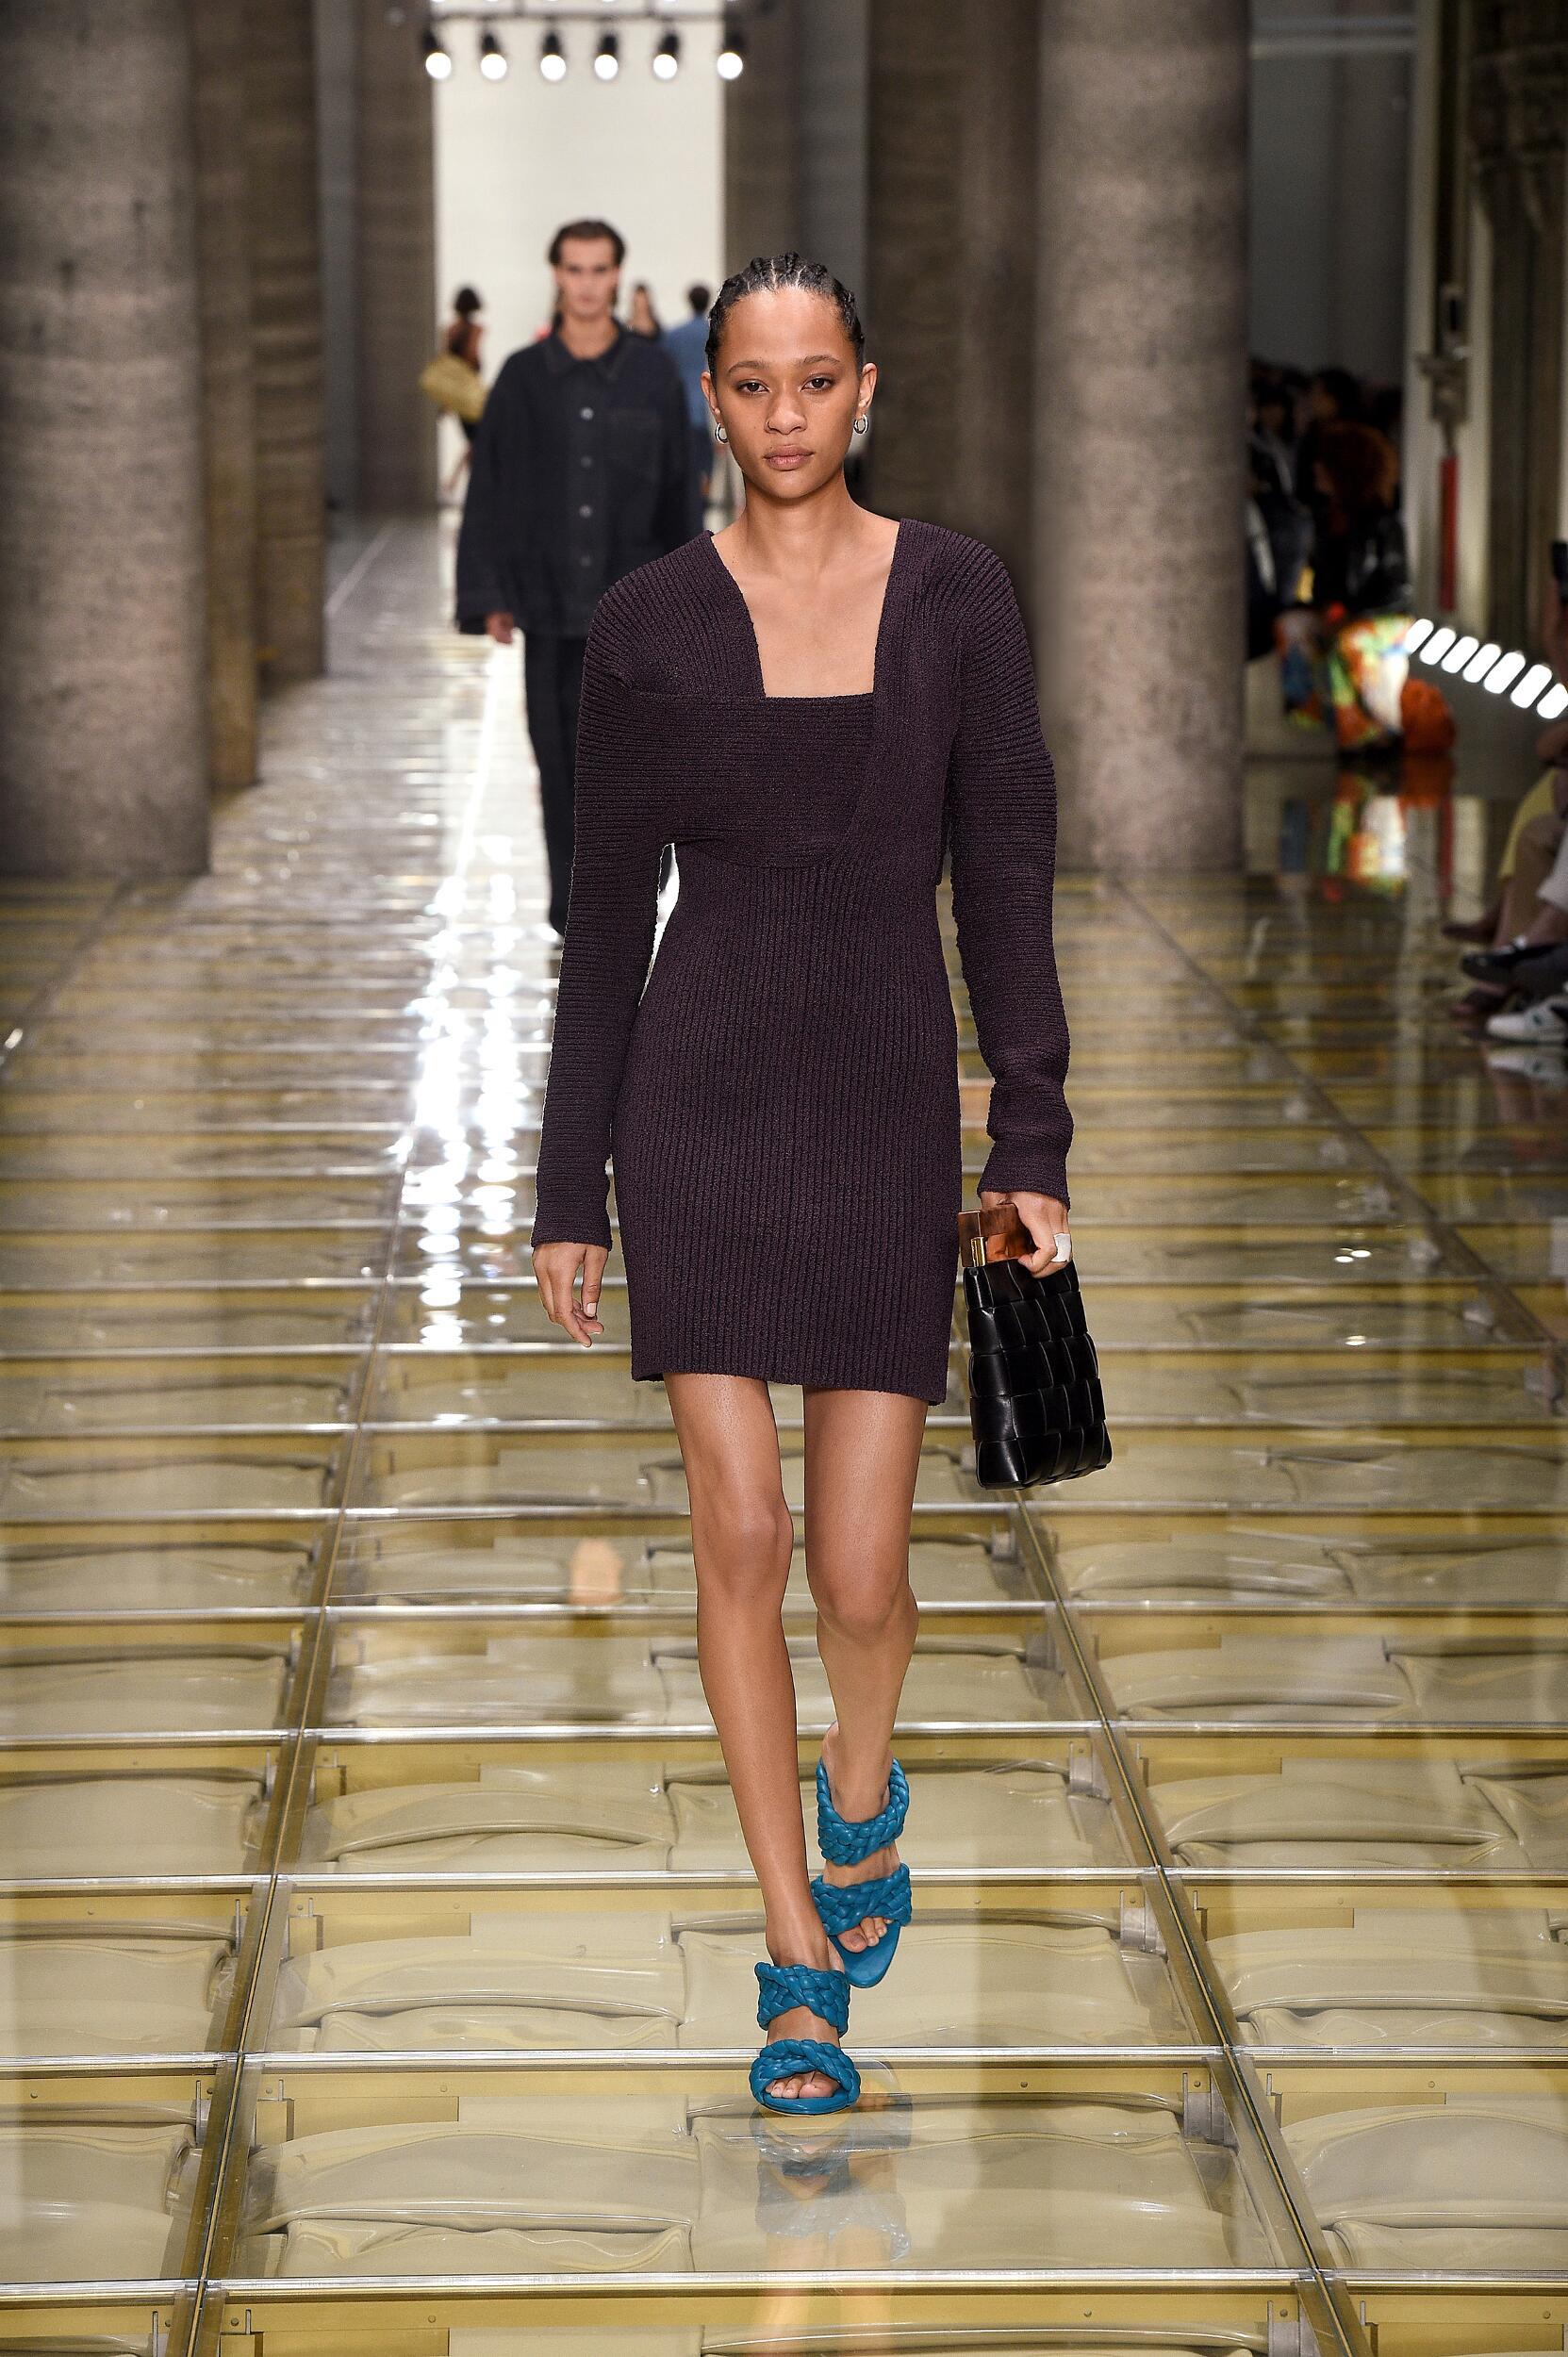 Fashion Model Bottega Veneta Catwalk